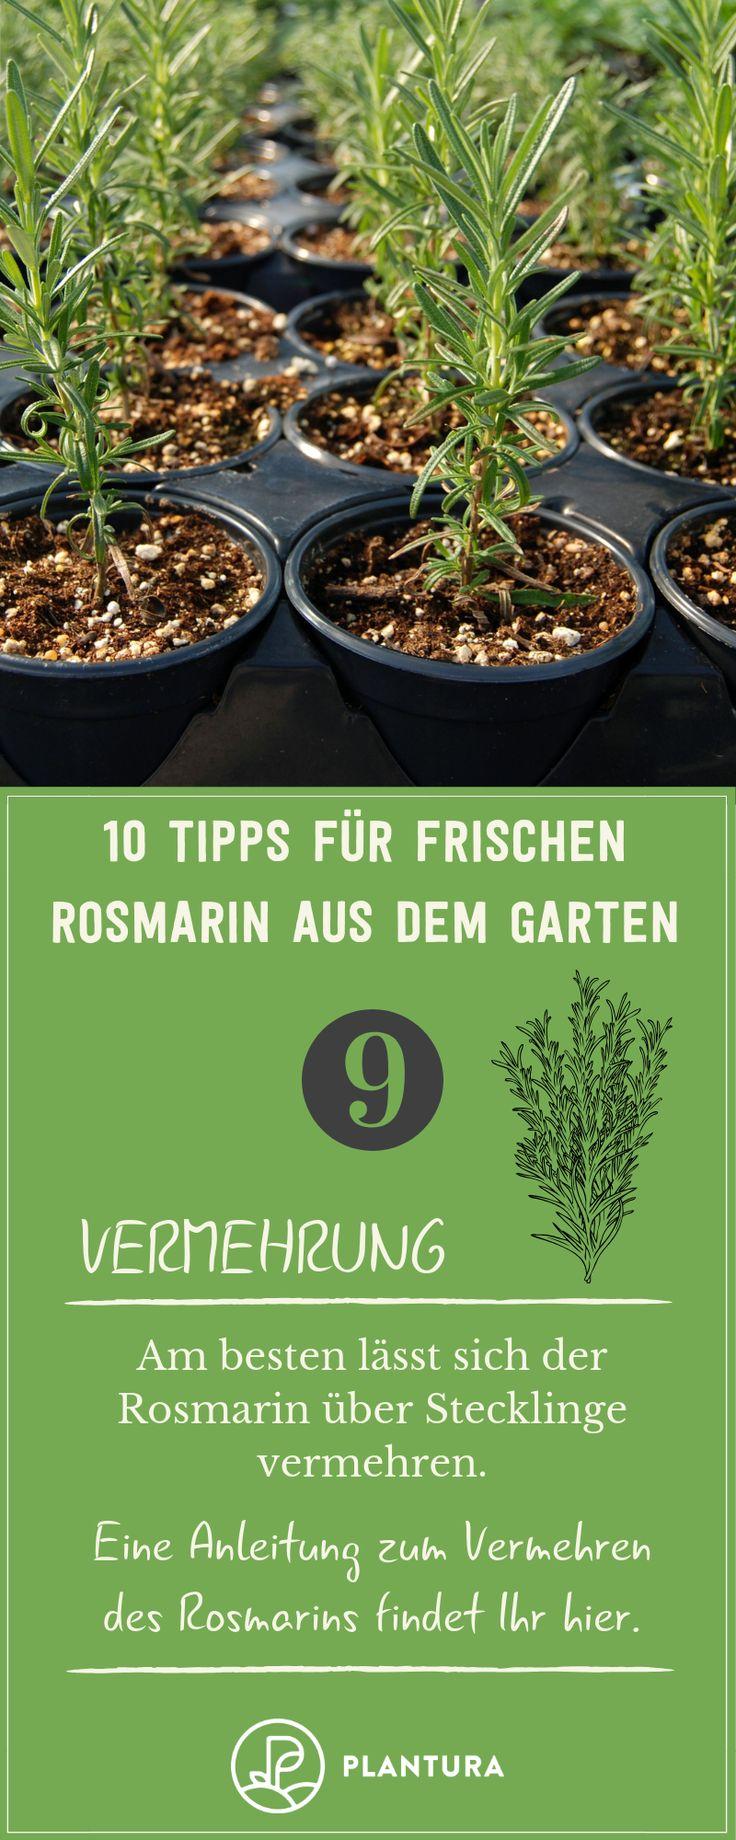 10 Tipps für frischen Rosmarin aus dem eigenen Beet